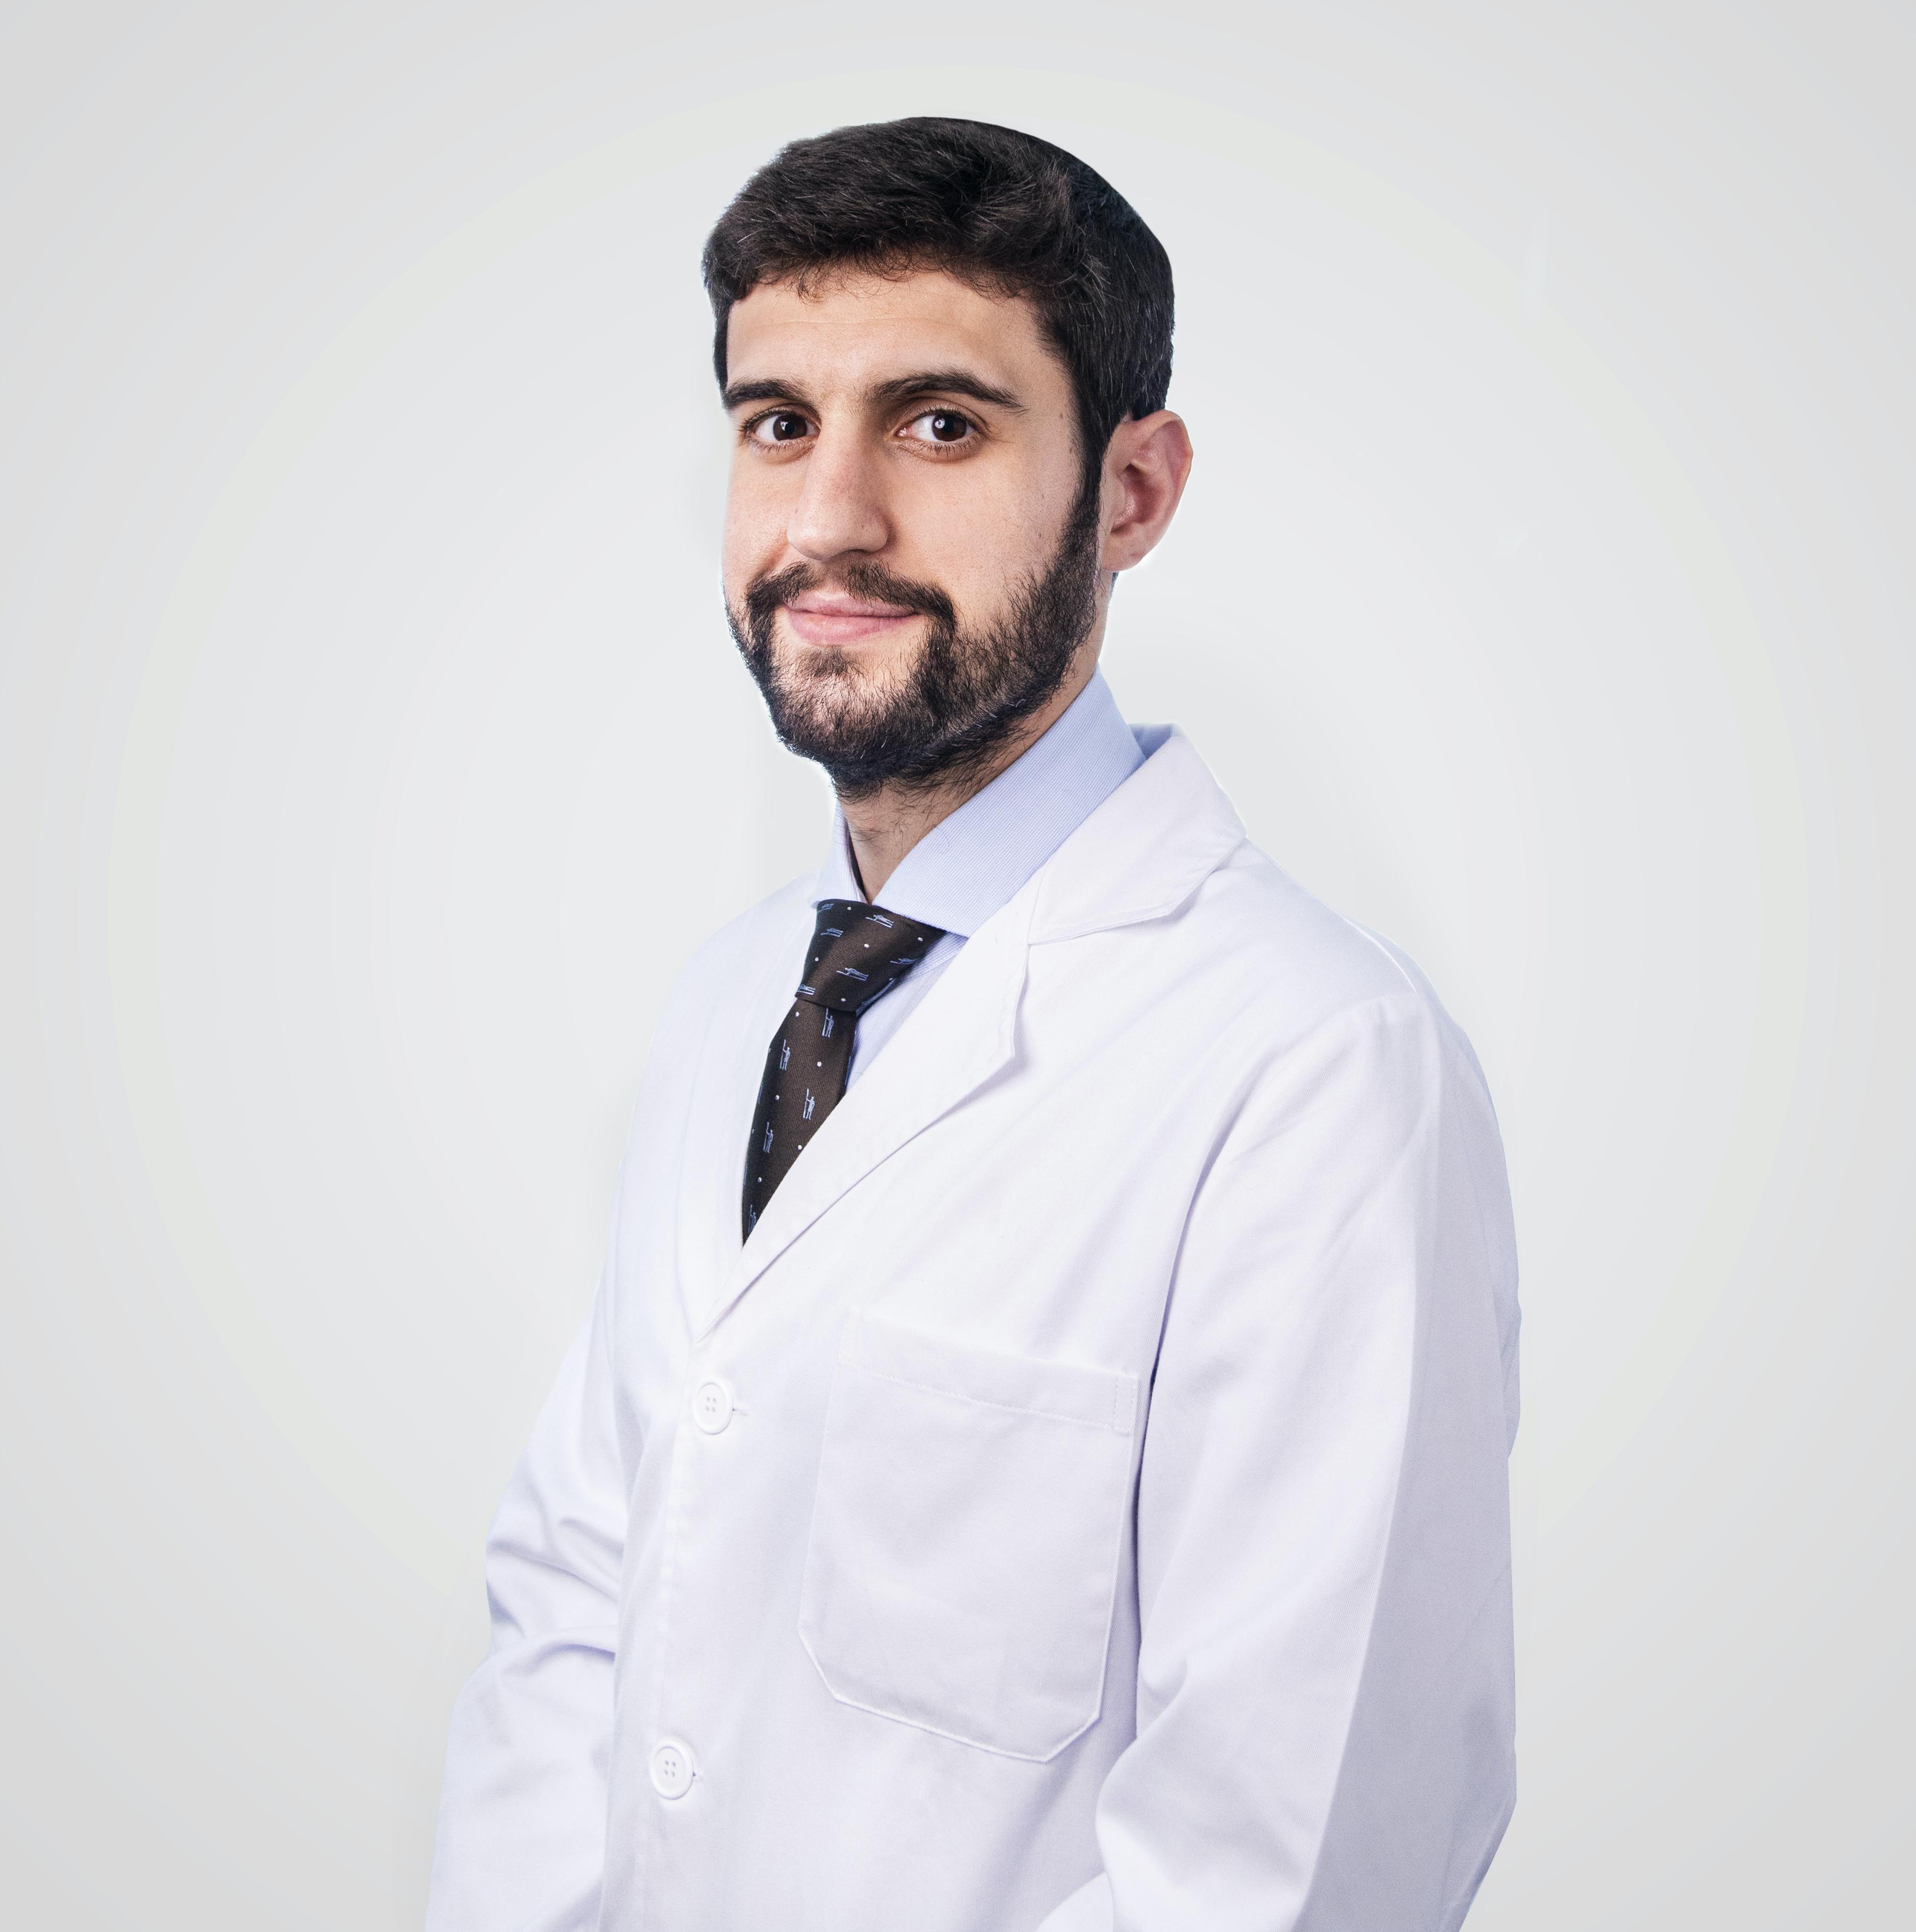 Dr. Jorge Tirado Caballero